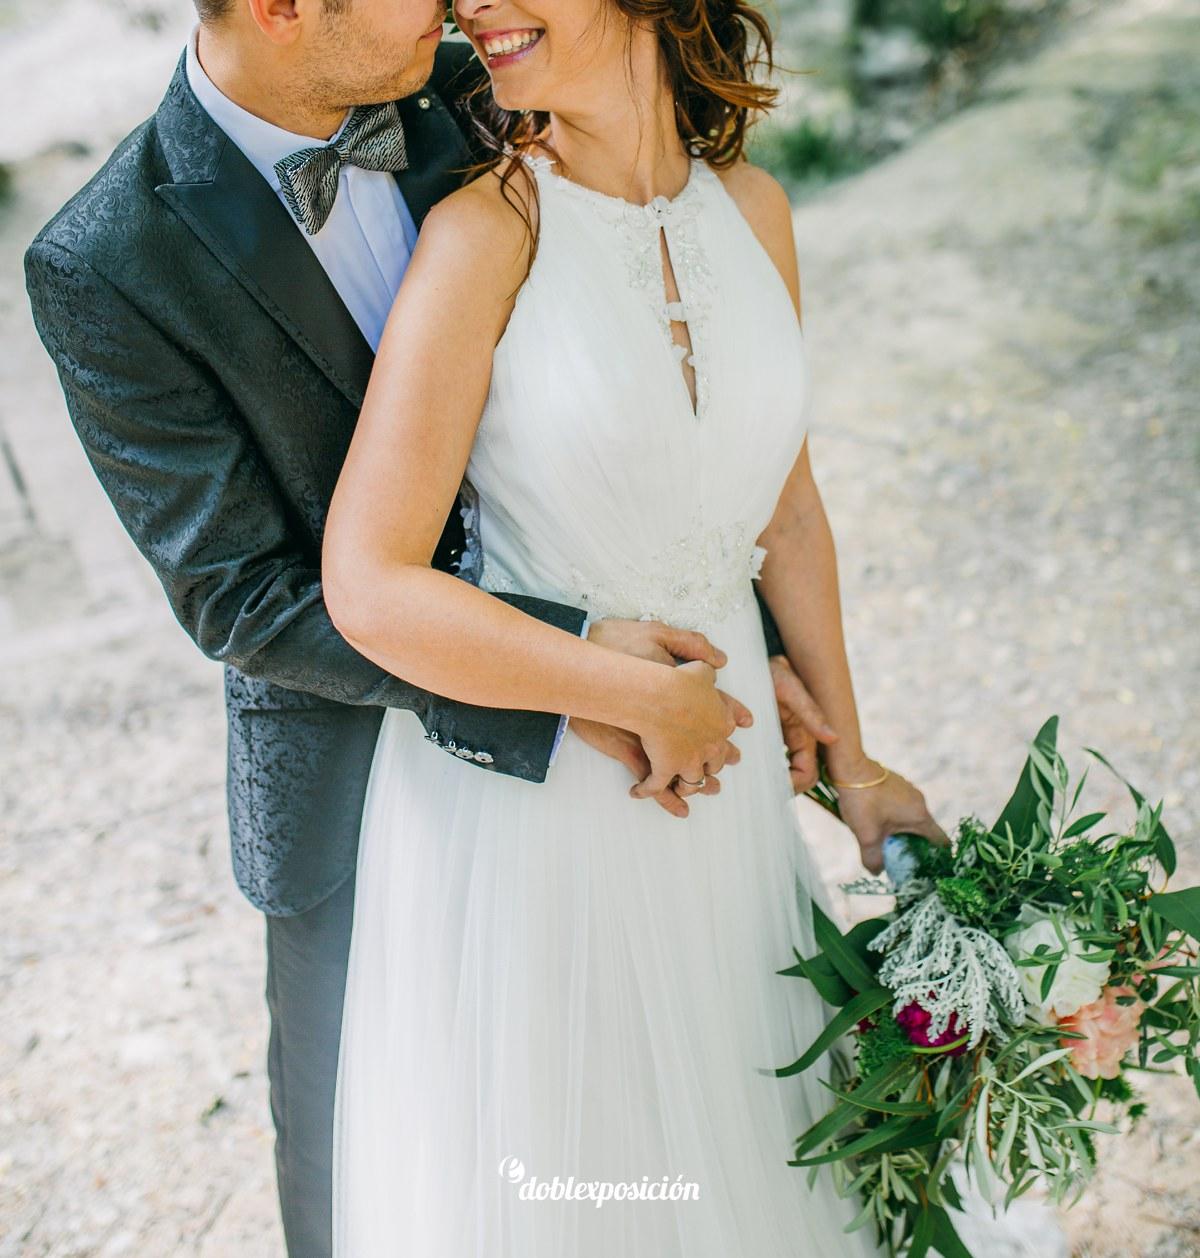 fotografos-boda-postboda-pouclar-finca-elche-alicante_0009